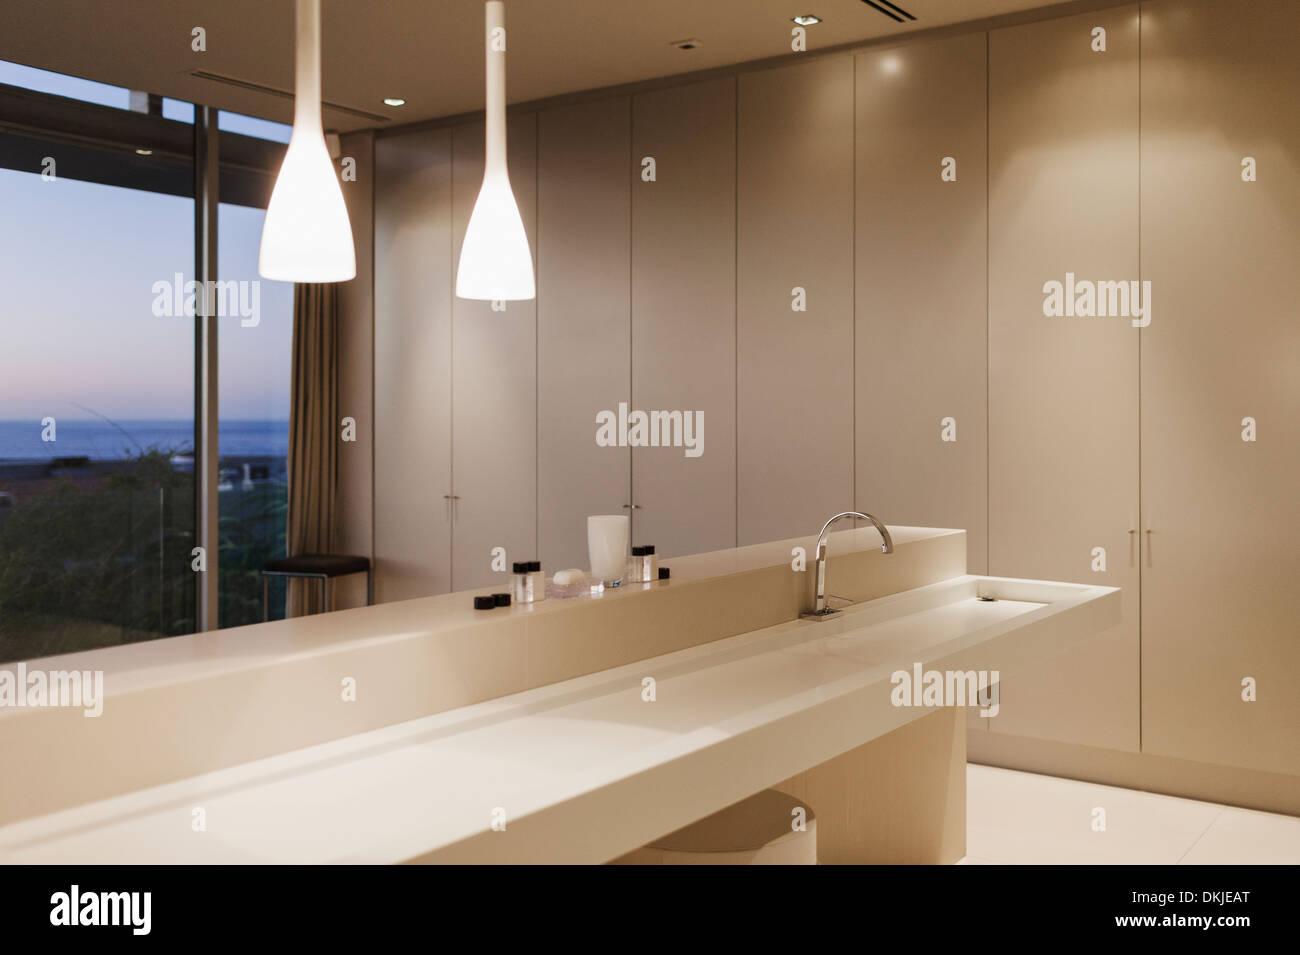 Waschbecken und Anhänger Leuchten im modernen Badezimmer Stockfoto ...